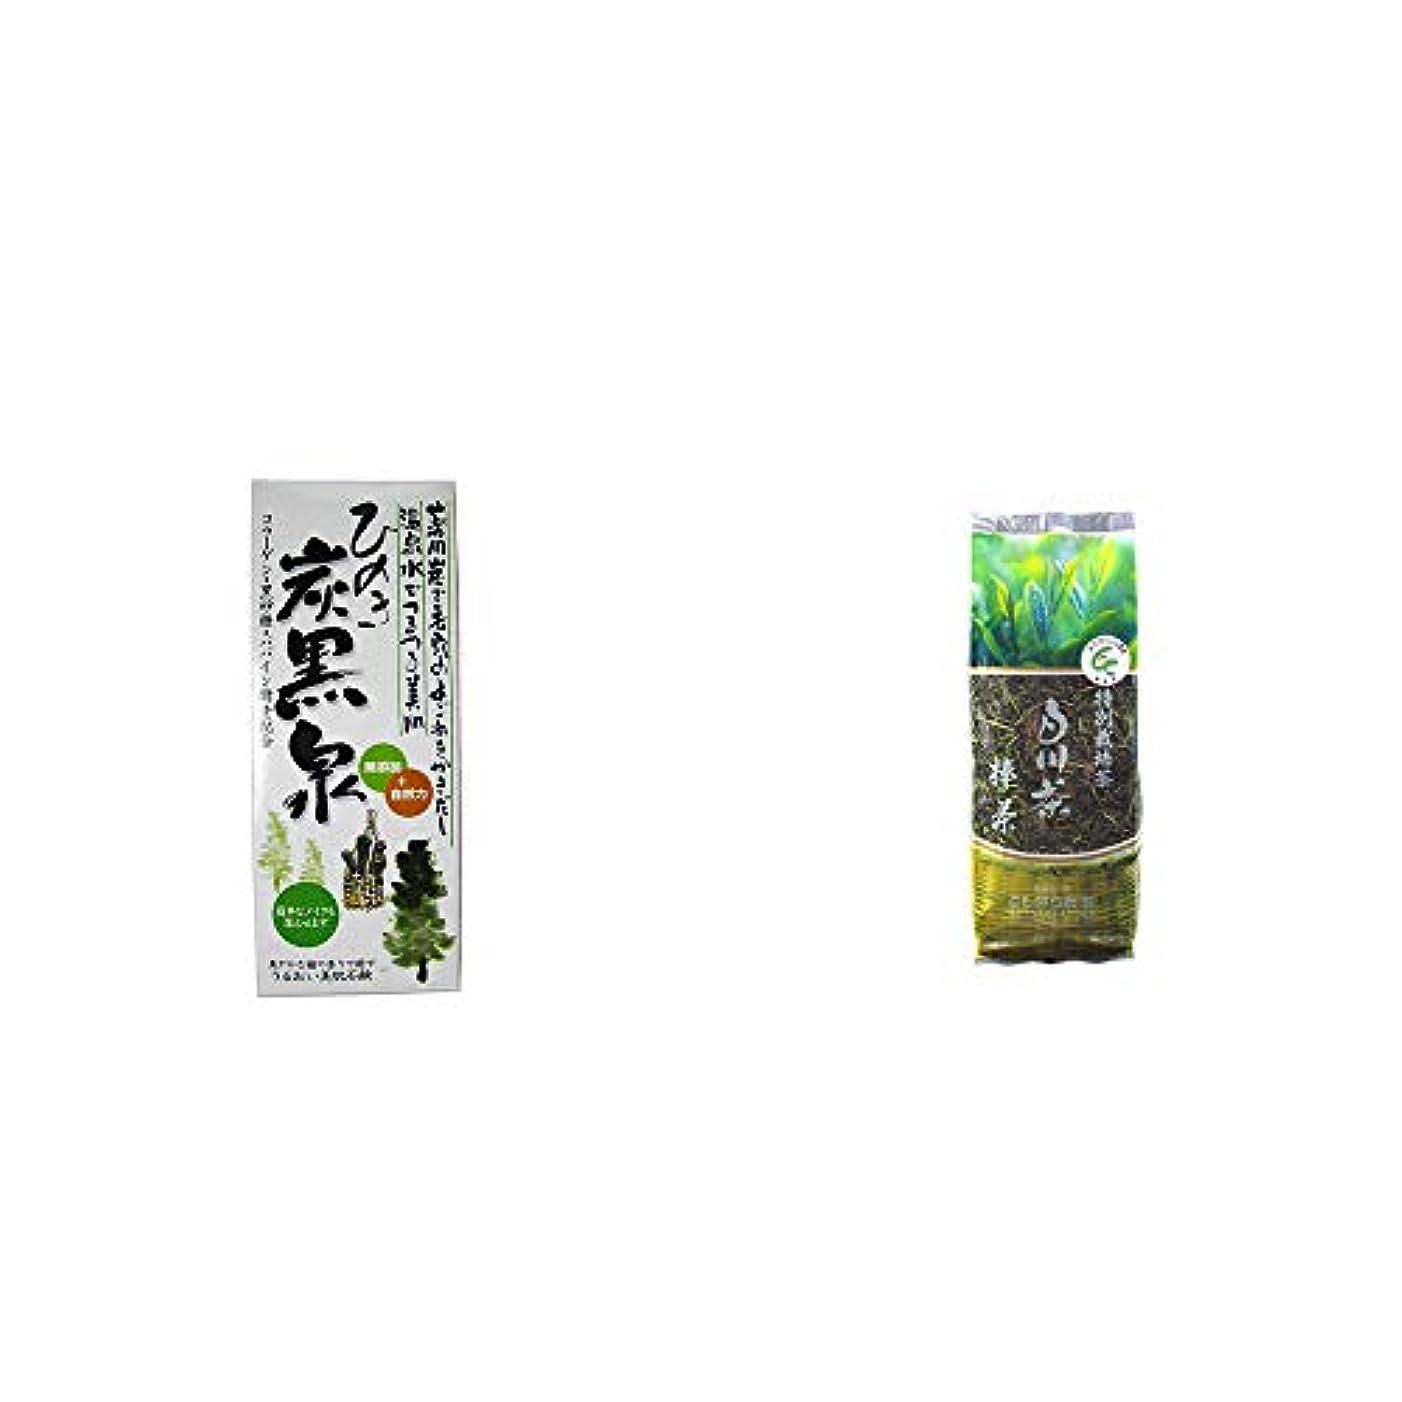 ギャングスターそばにロビー[2点セット] ひのき炭黒泉 箱入り(75g×3)?白川茶 特別栽培茶【棒茶】(150g)